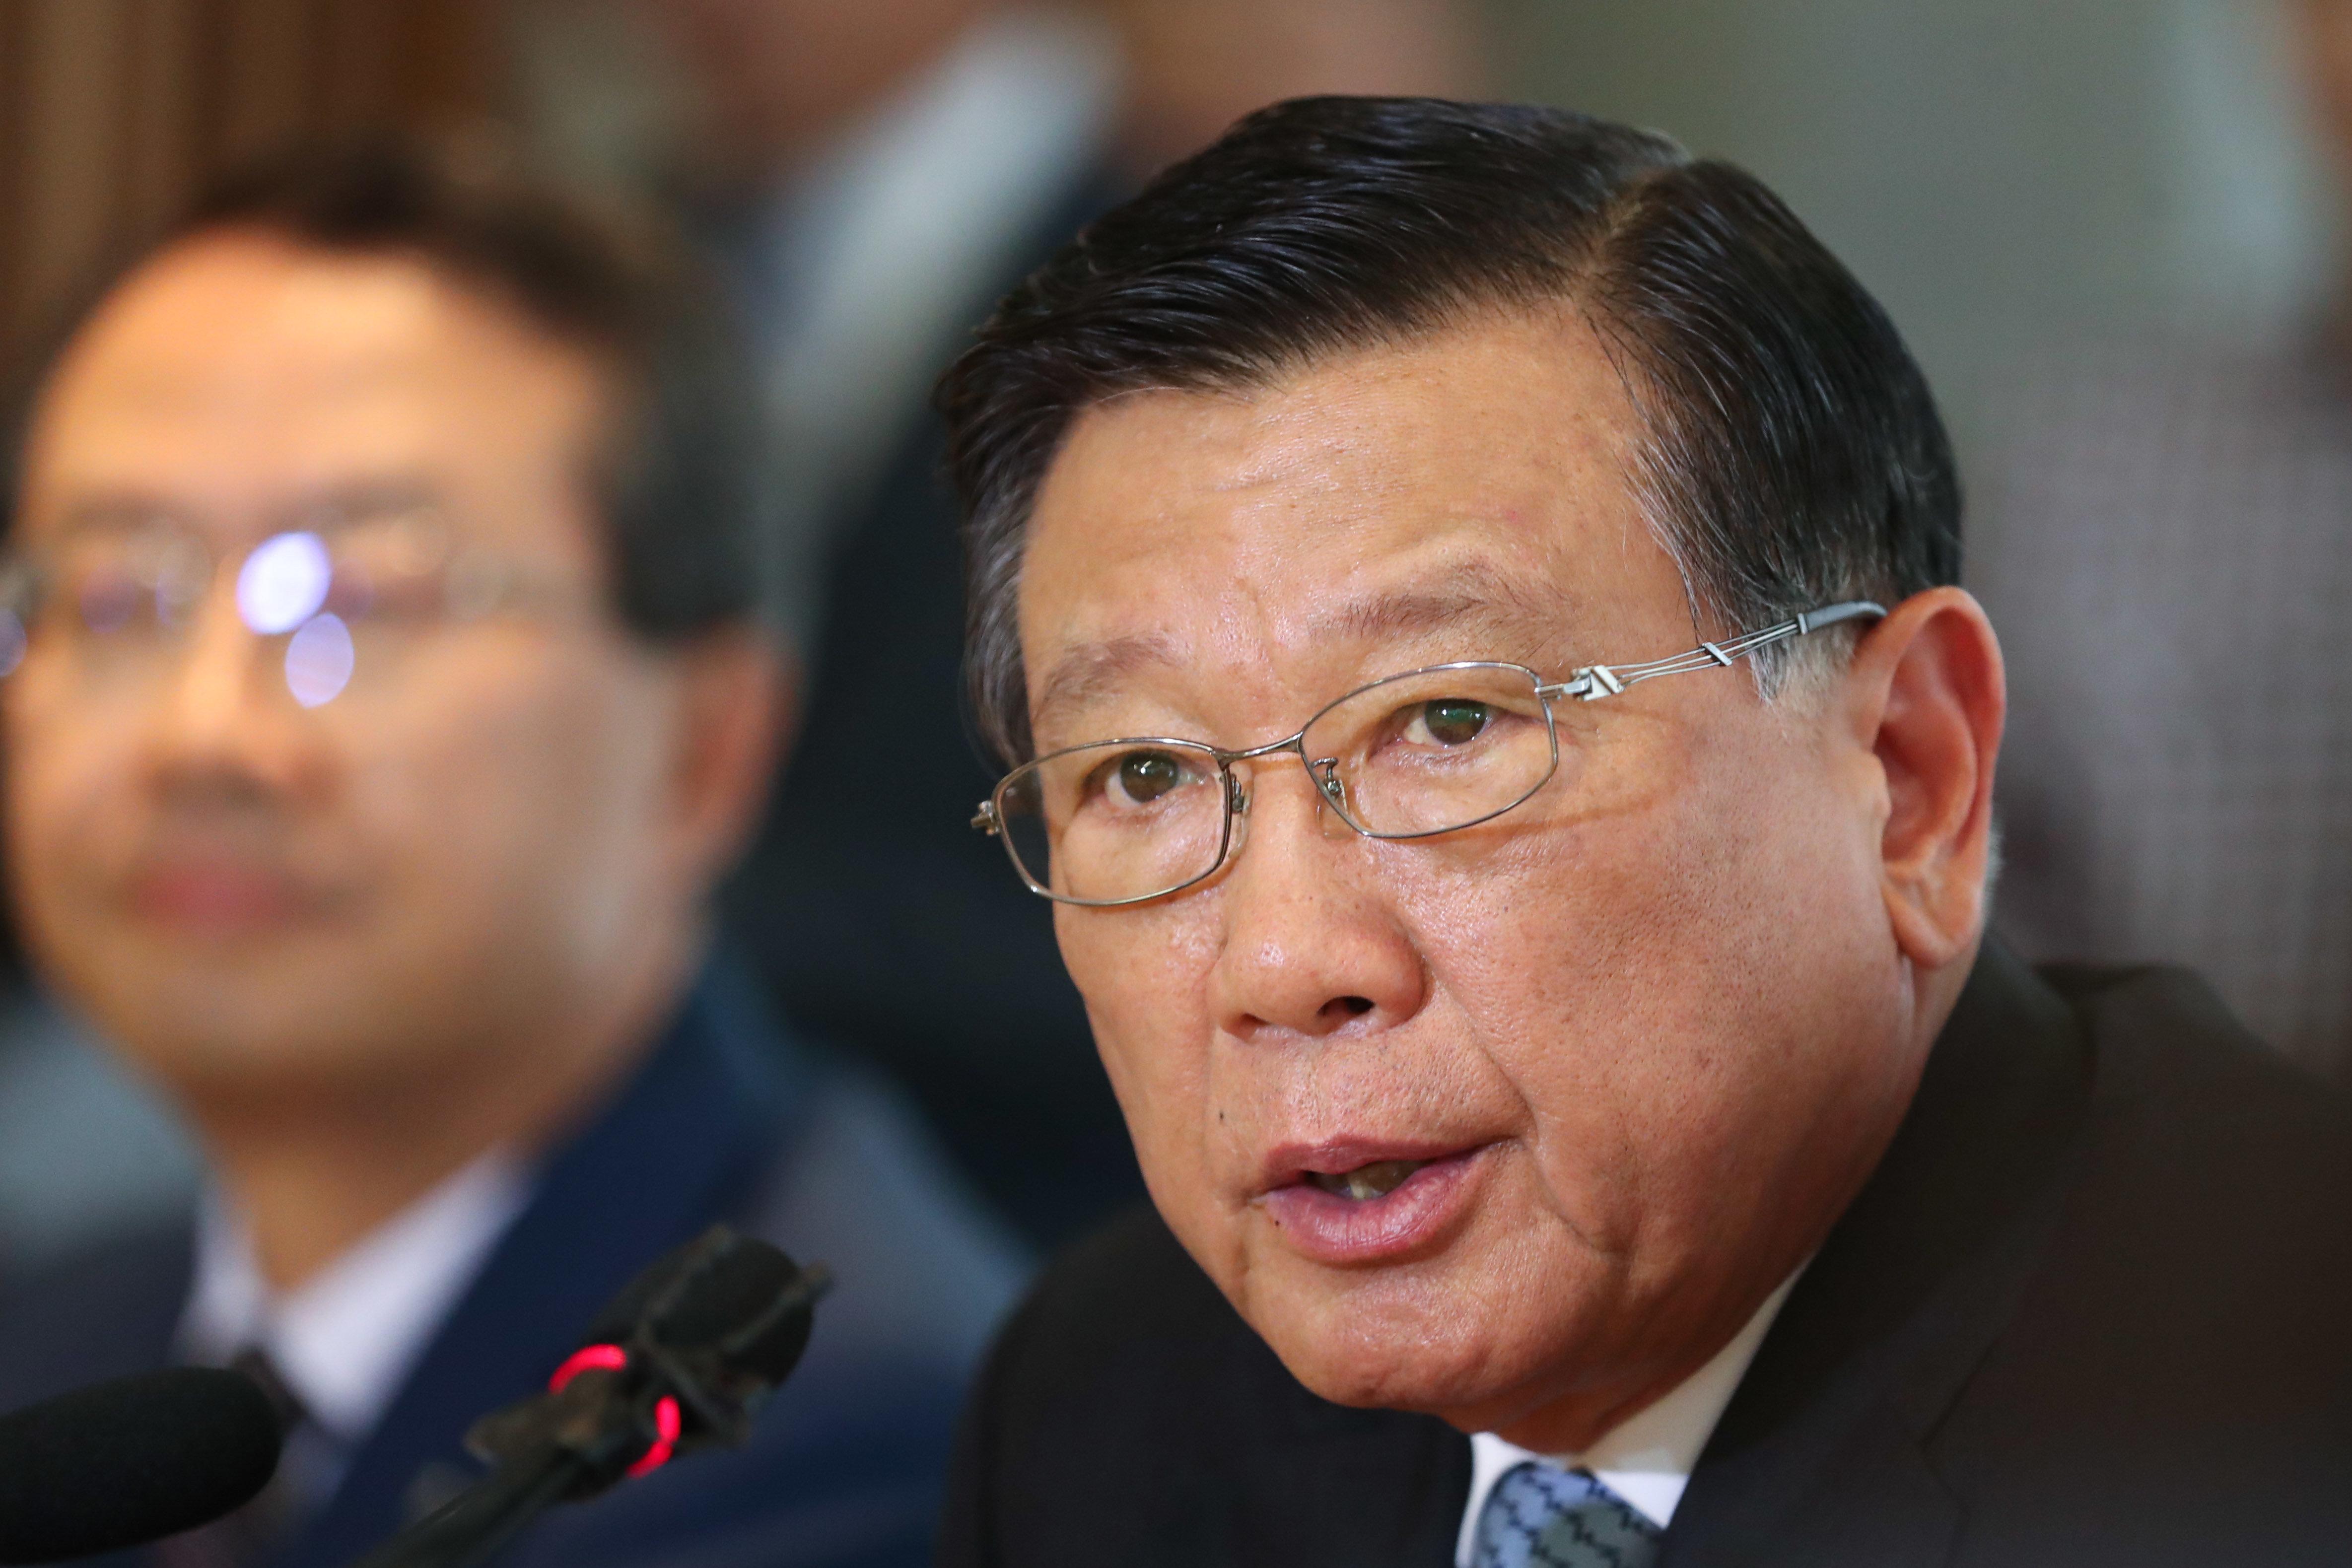 박삼구 회장의 기내식 대란과 성희롱 의혹이 무혐의를